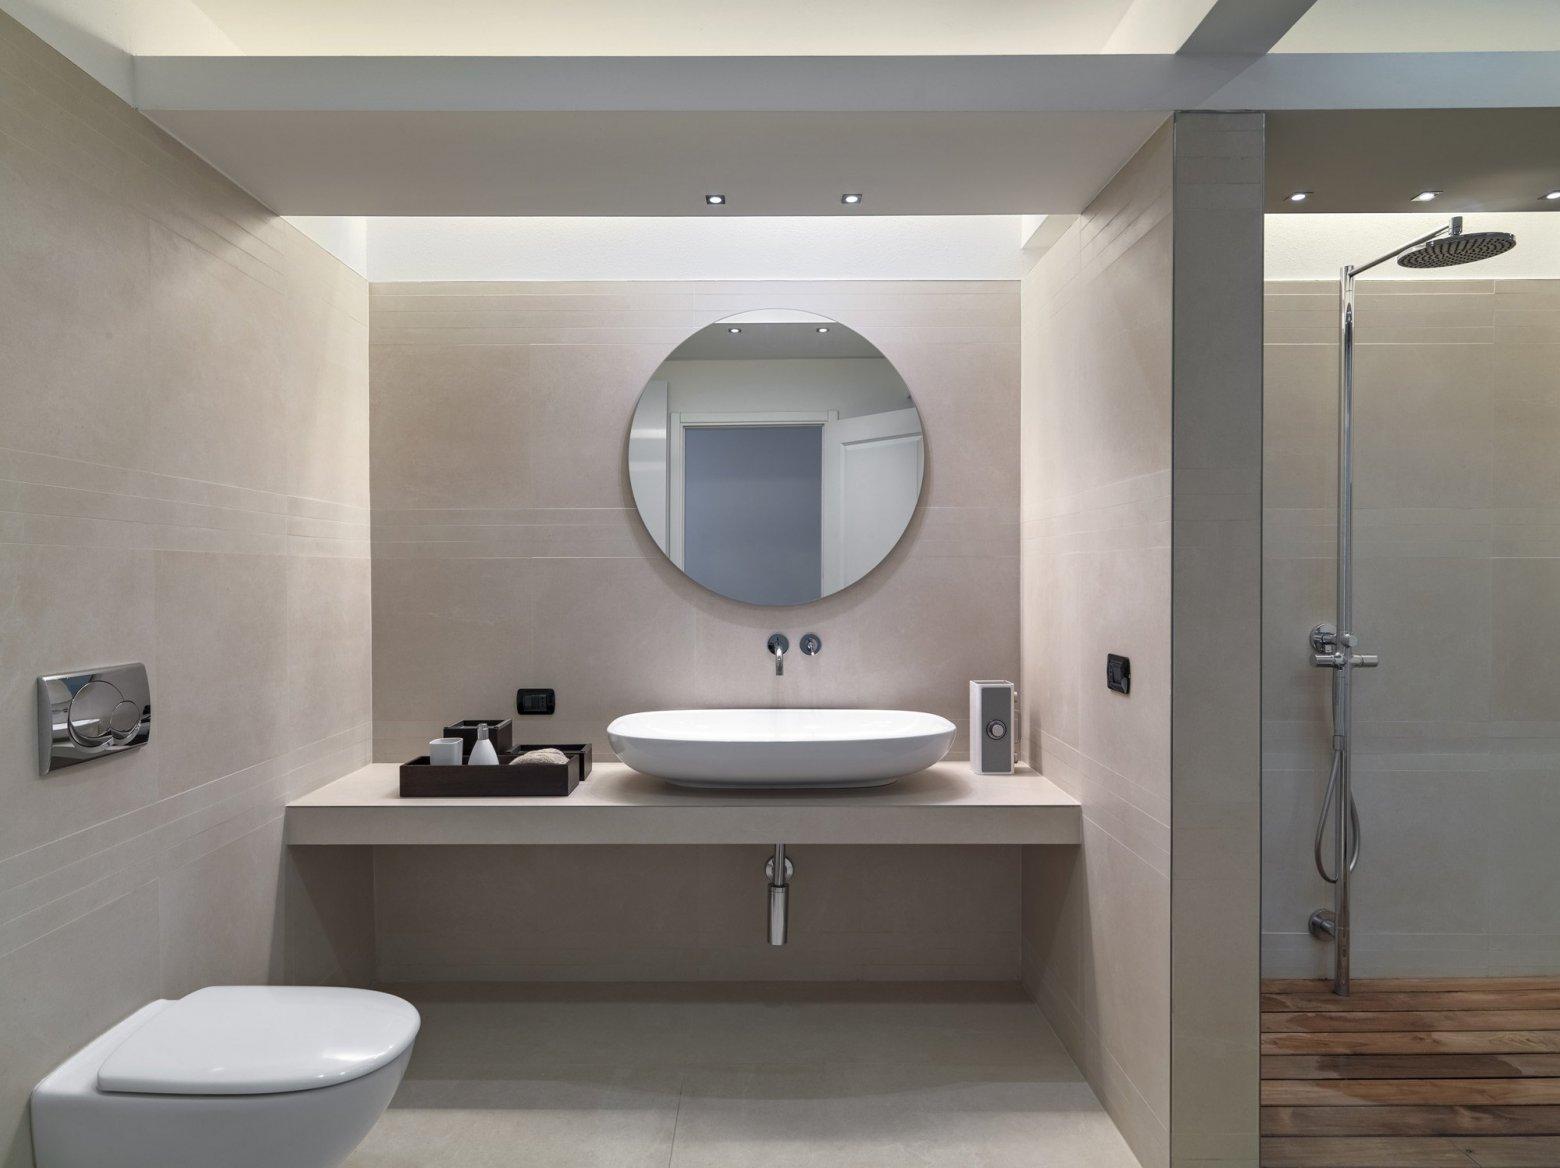 Nieuwe Badkamer Limburg : Badkamerrenovaties van calster voor en na